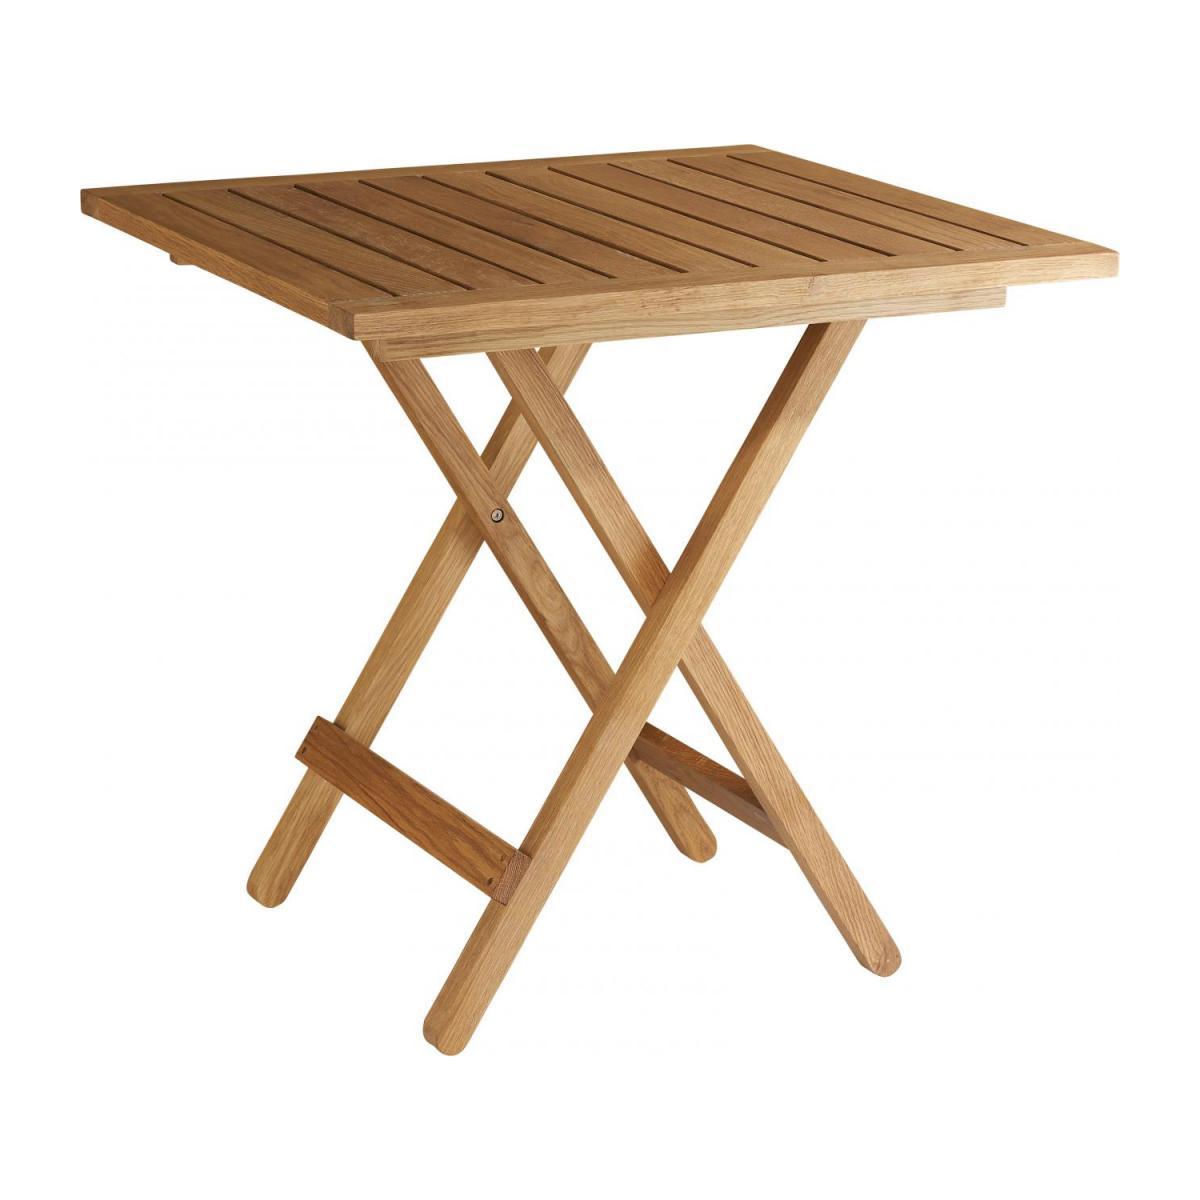 Table Pliante De Jardin En Chêne Massif Huilé - 76 X 76 Cm pour Tables De Jardin Pliantes